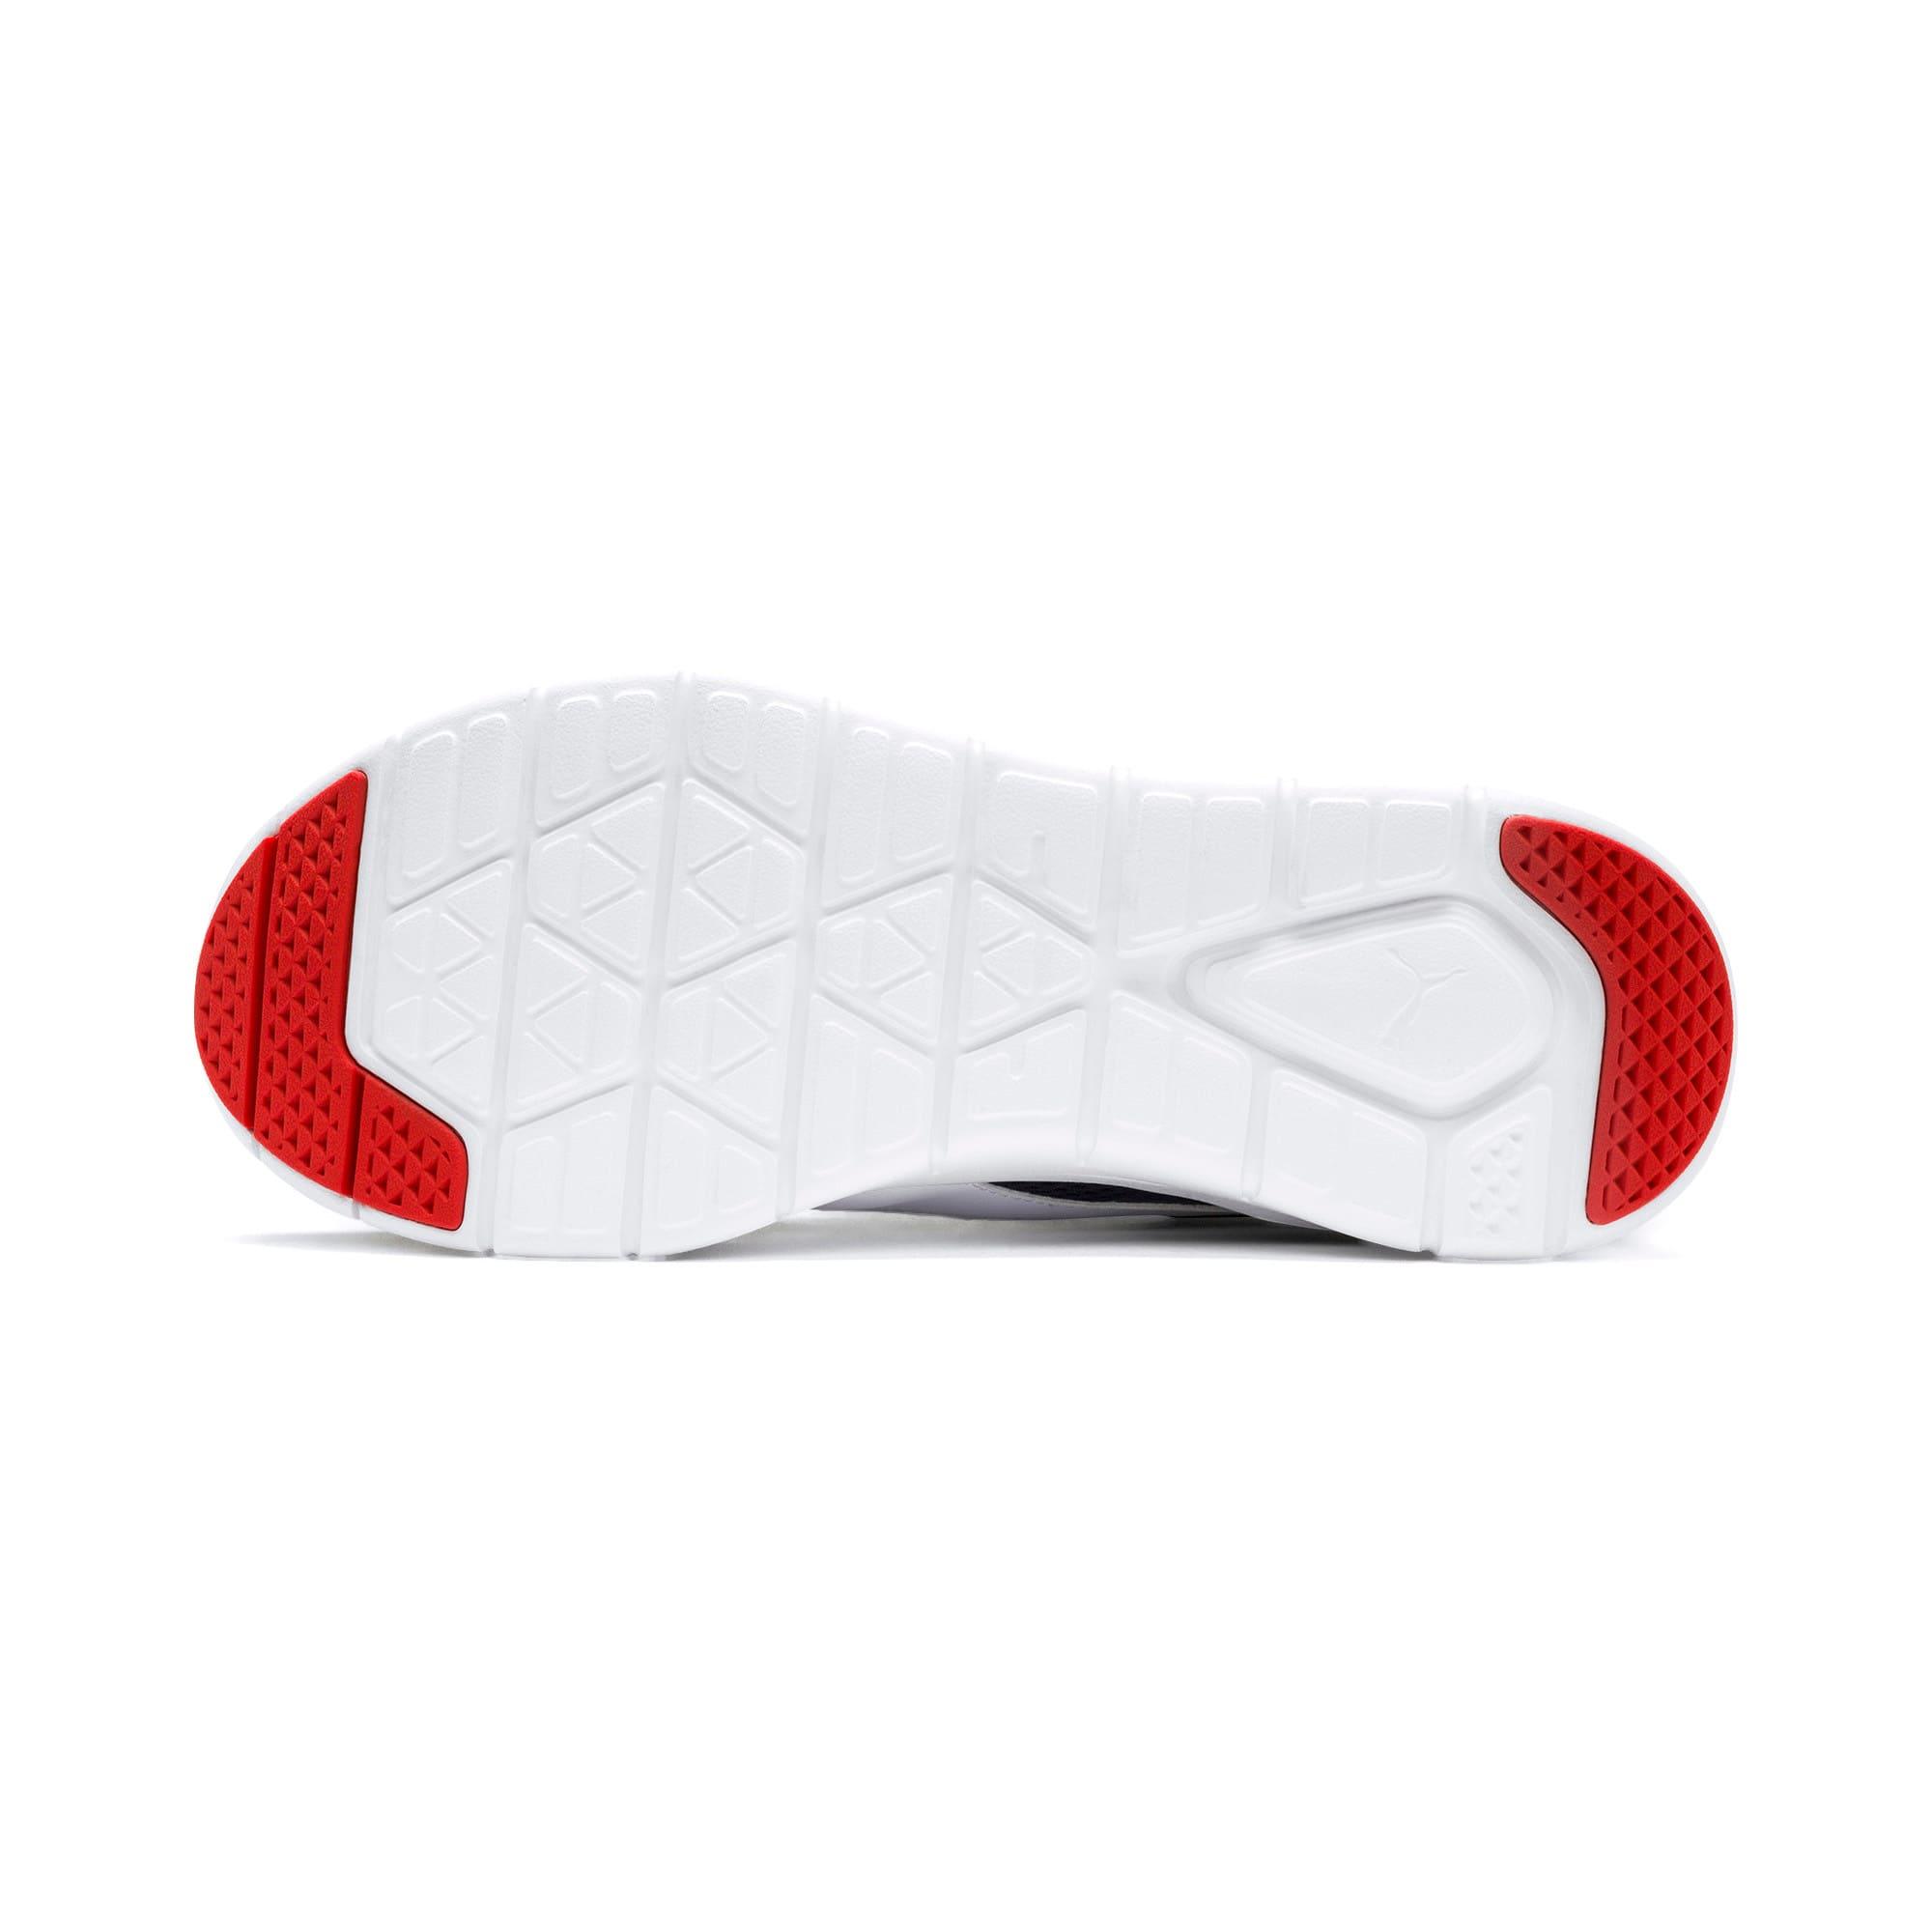 Thumbnail 5 of Flex Essential Training Shoes, Peacoat-P.White-Hi. Risk Red, medium-IND